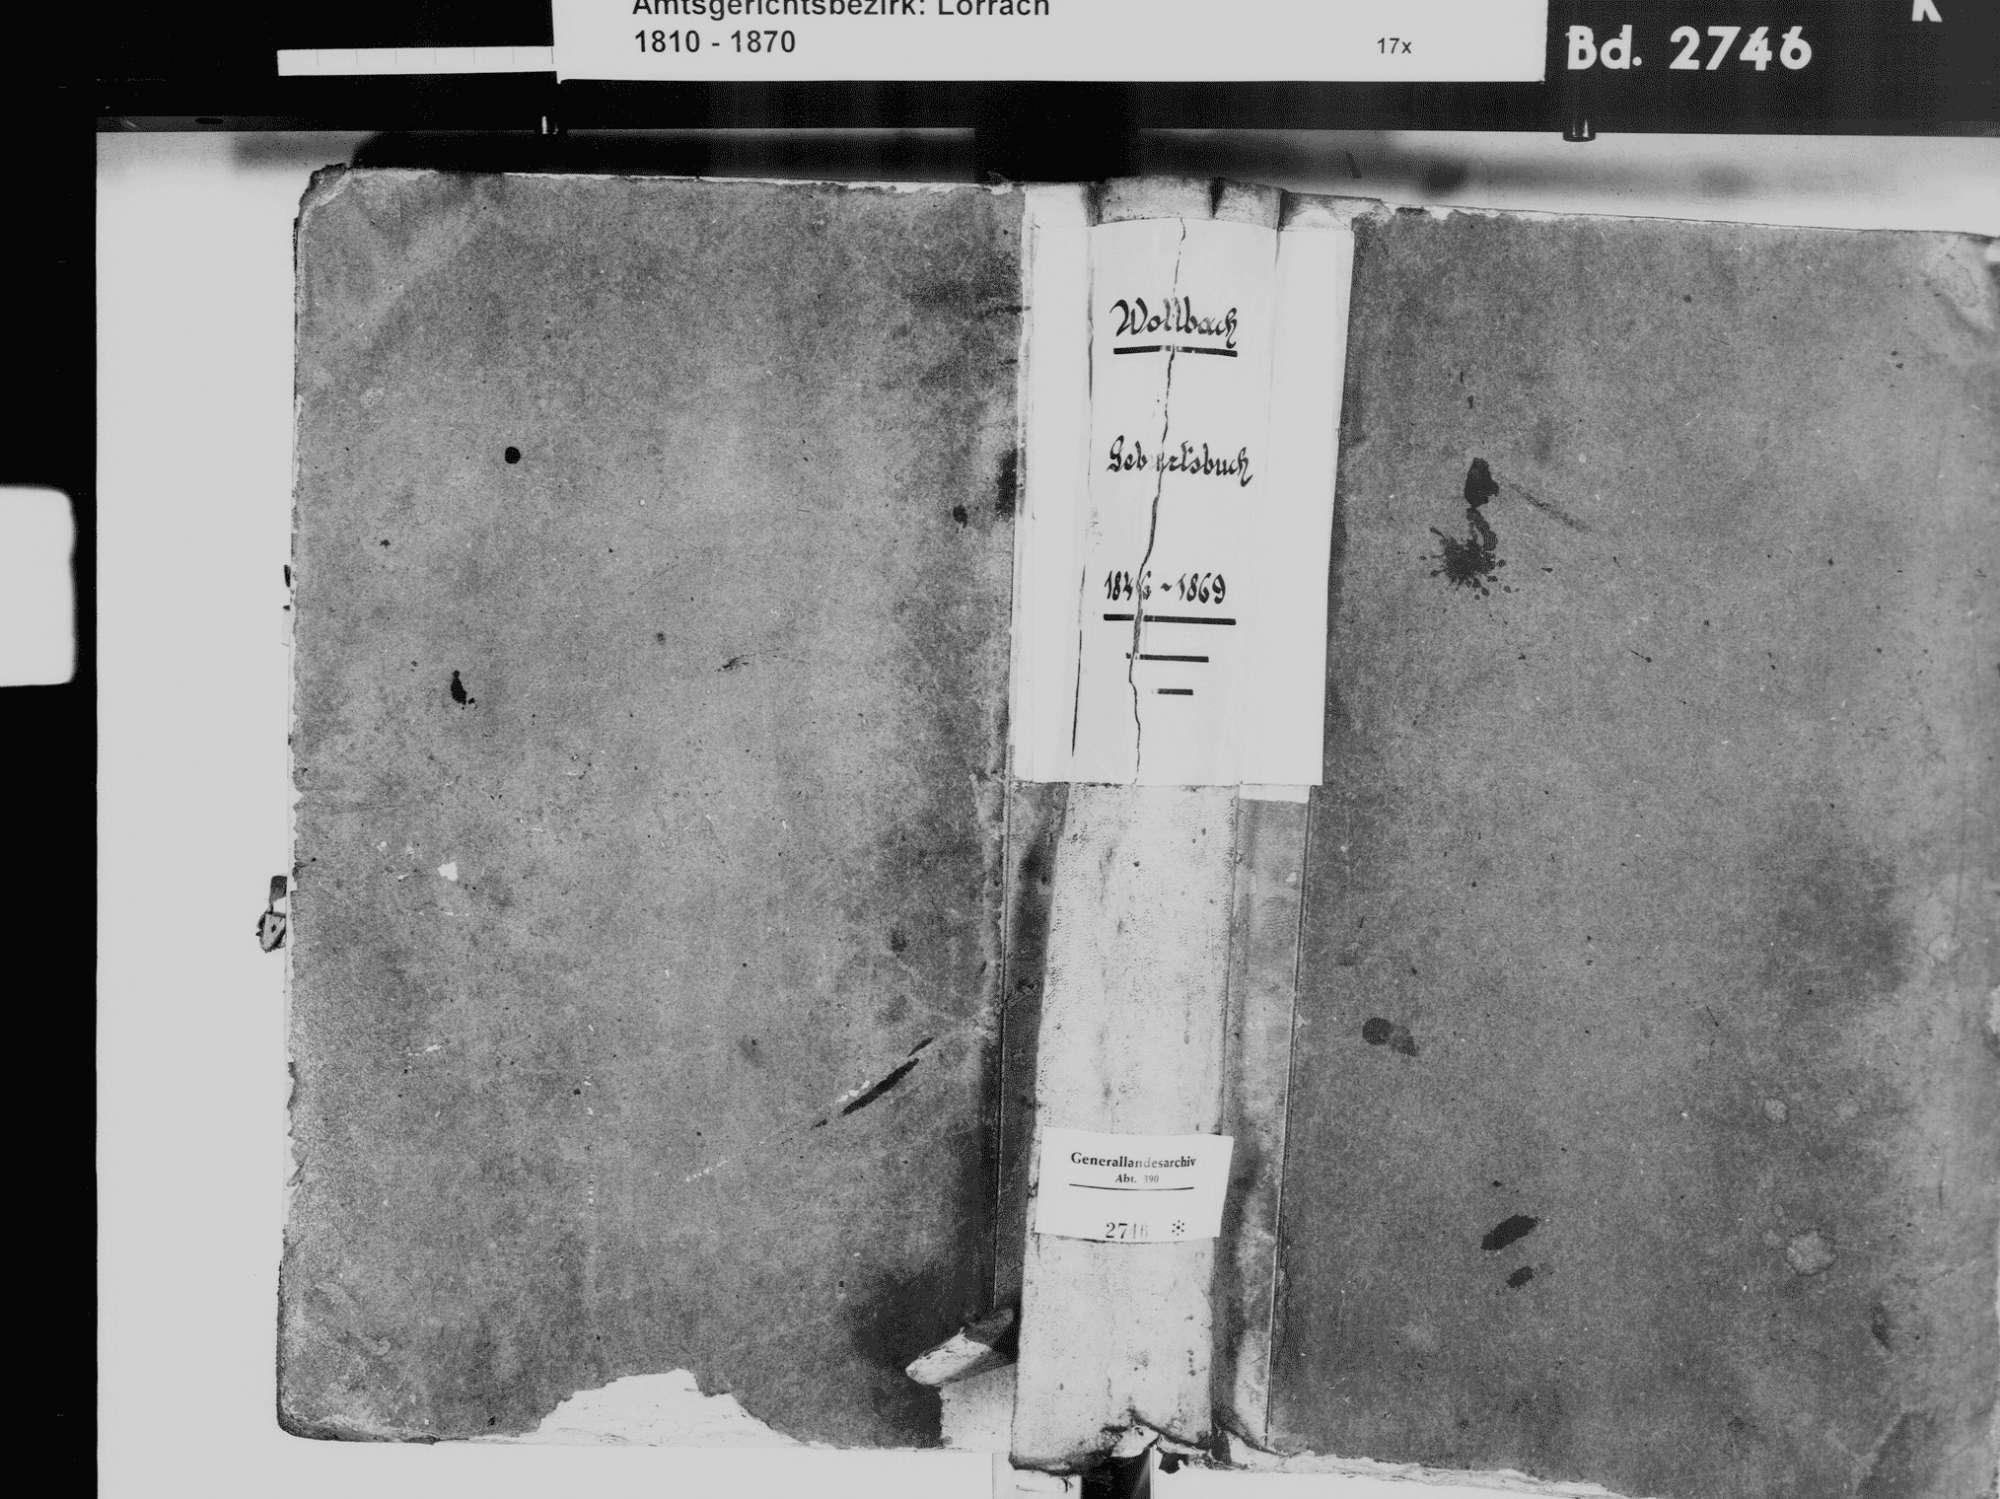 Wollbach, Kandern LÖ; Evangelische Gemeinde: Geburtenbuch 1846-1869, Bild 2